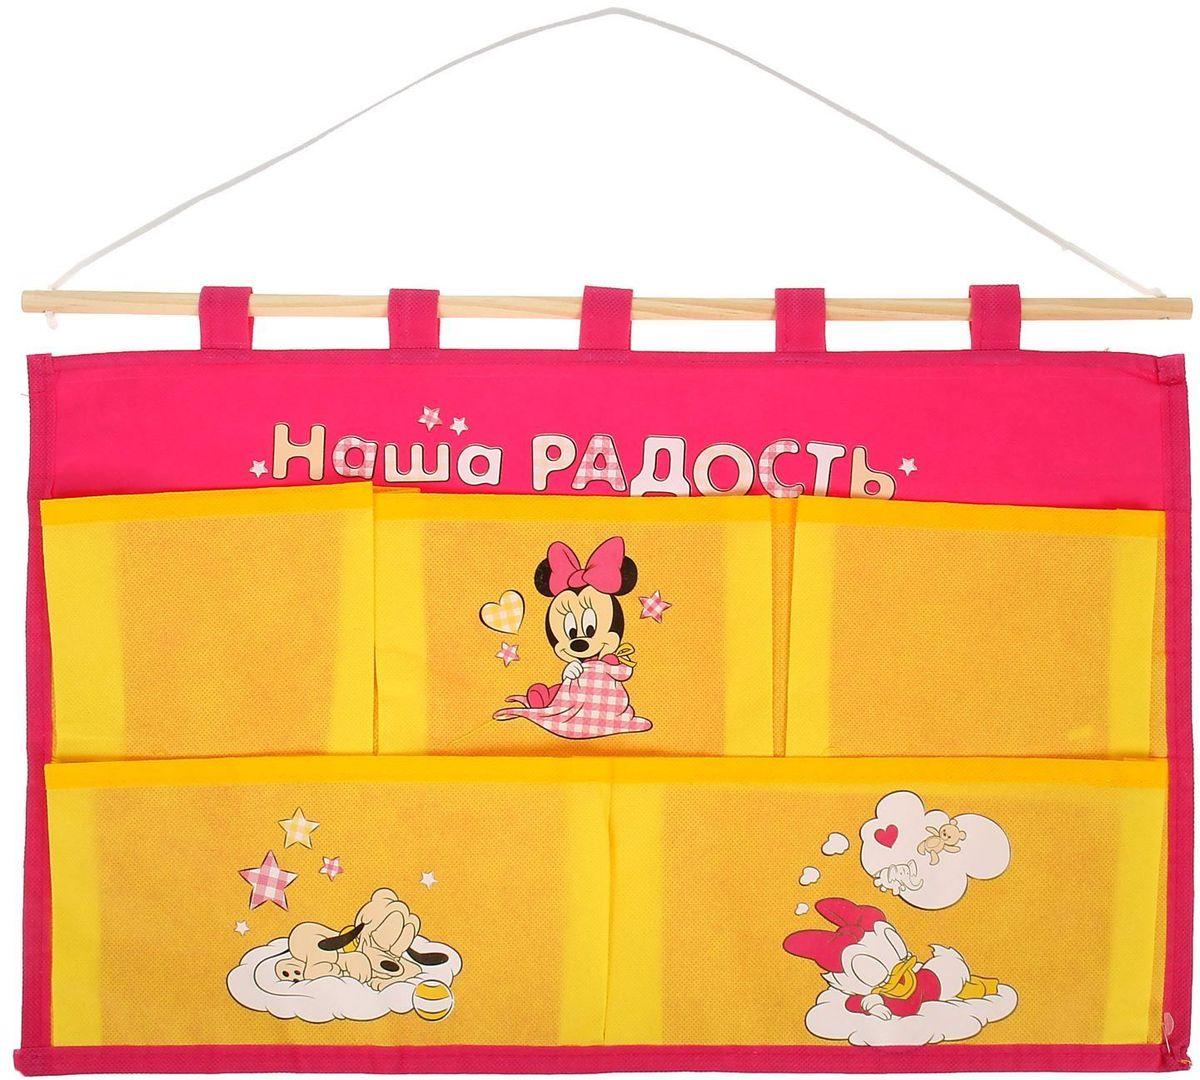 Disney Кармашки настенные на 5 отделений Наша радость Минни Маус1162112Порядок с любимыми героями Disney. Украсьте комнату ребенка стильным и полезным аксессуаром. Настенные кармашки организуют вещи малышки и помогут содержать комнату в чистоте и порядке. Положите туда игрушки или одежду, и детская преобразится! Кармашки даже можно использовать в ванной комнате.Набор из нетканого материала спанбонд крепится на деревянную палочку, а вся конструкция подвешивается за веревку. Яркие рисунки с любимыми персонажами нанесены по термотрансферной технологии. Изделие упаковано в прозрачный пакет, к которому прилагается небольшой шильд с героем Disney, где можно написать теплые слова и пожелания для адресата.Соберите коллекцию аксессуаров с любимыми героями!